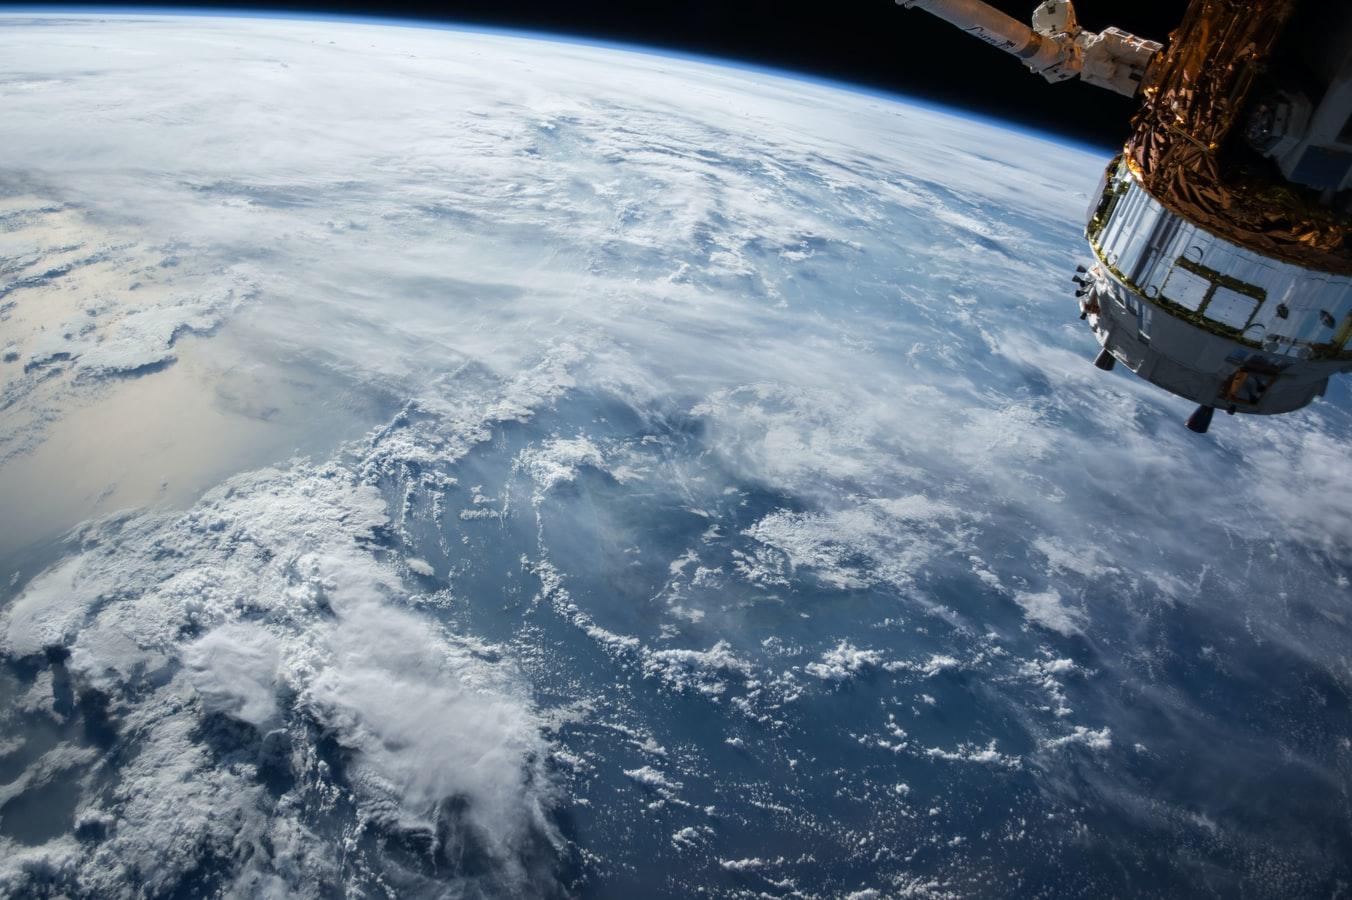 Wird der Weltraum das neue Trendthema an den Märkten? 2 TOP-Aktien, die davon profitieren